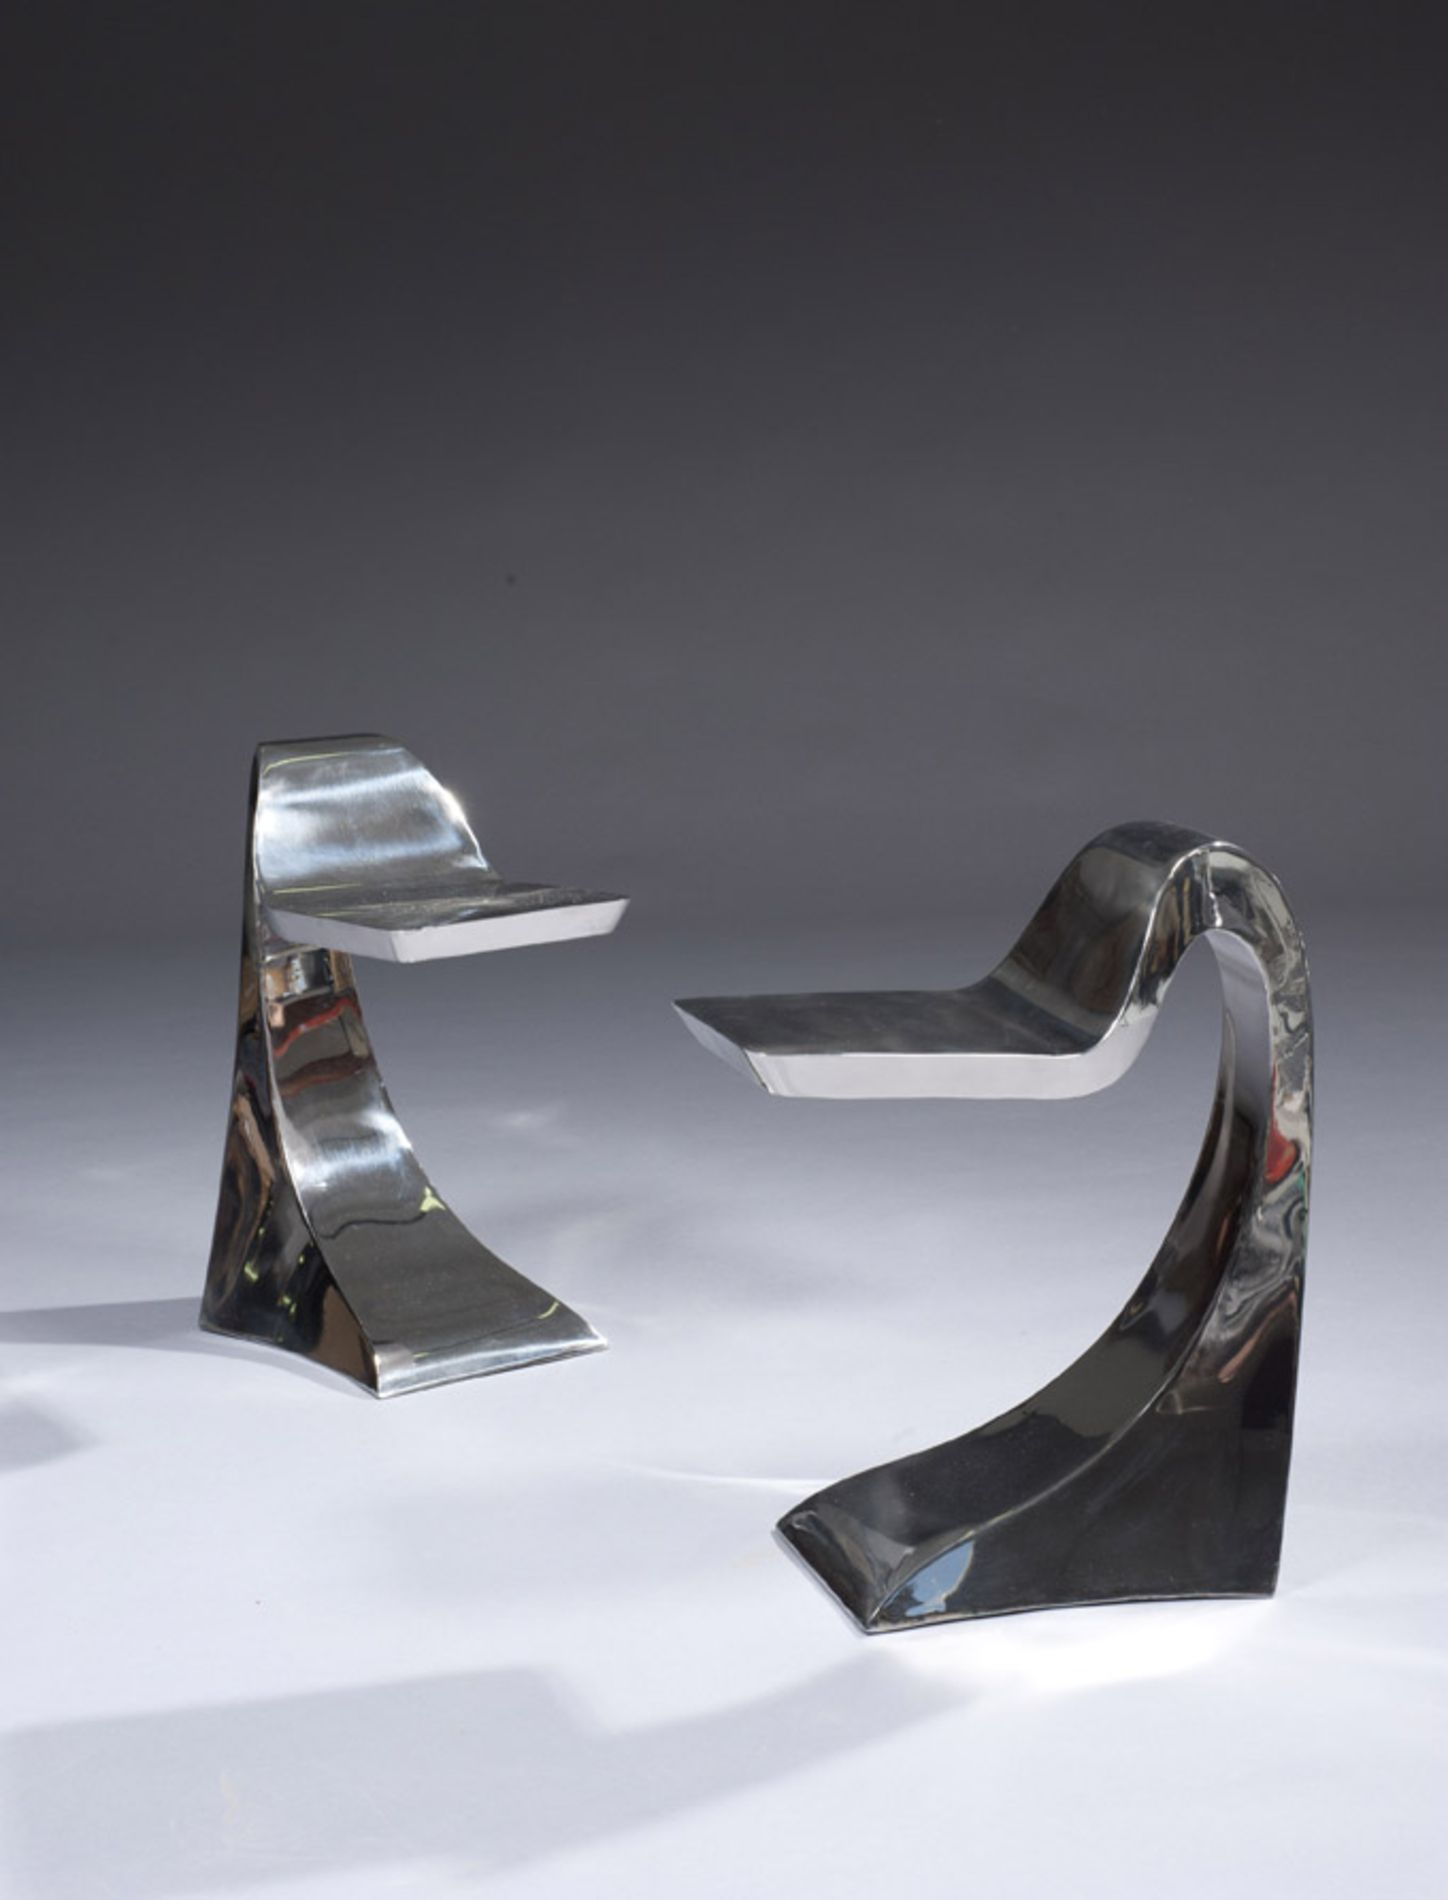 Guillaume PIECHAUD (né en 1968) Paire de tabourets en inox poli miroir, 2005 Numérotés 6/100 et 19/100 Hauteur : 62,5 cm - Largeur : 28 cm - Profondeur : 48,5 cm